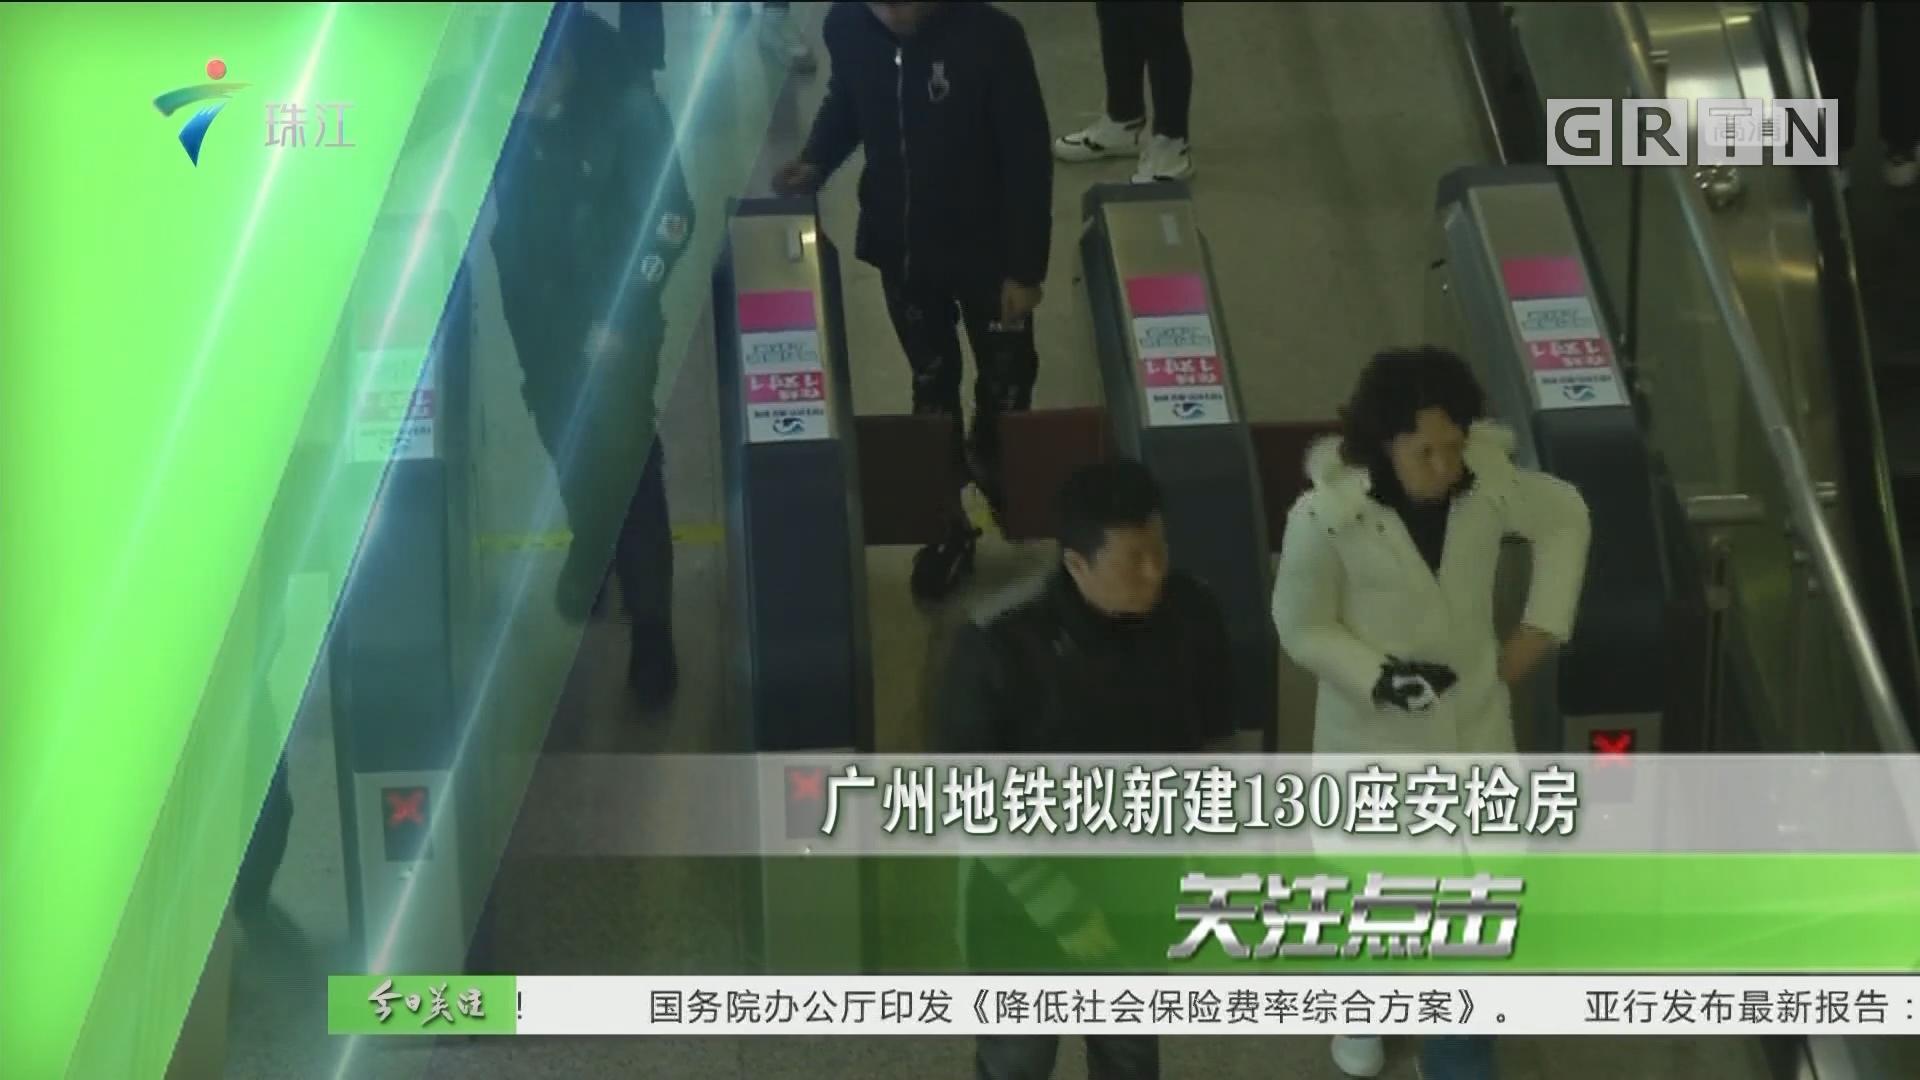 广州地铁拟新建130座安检房